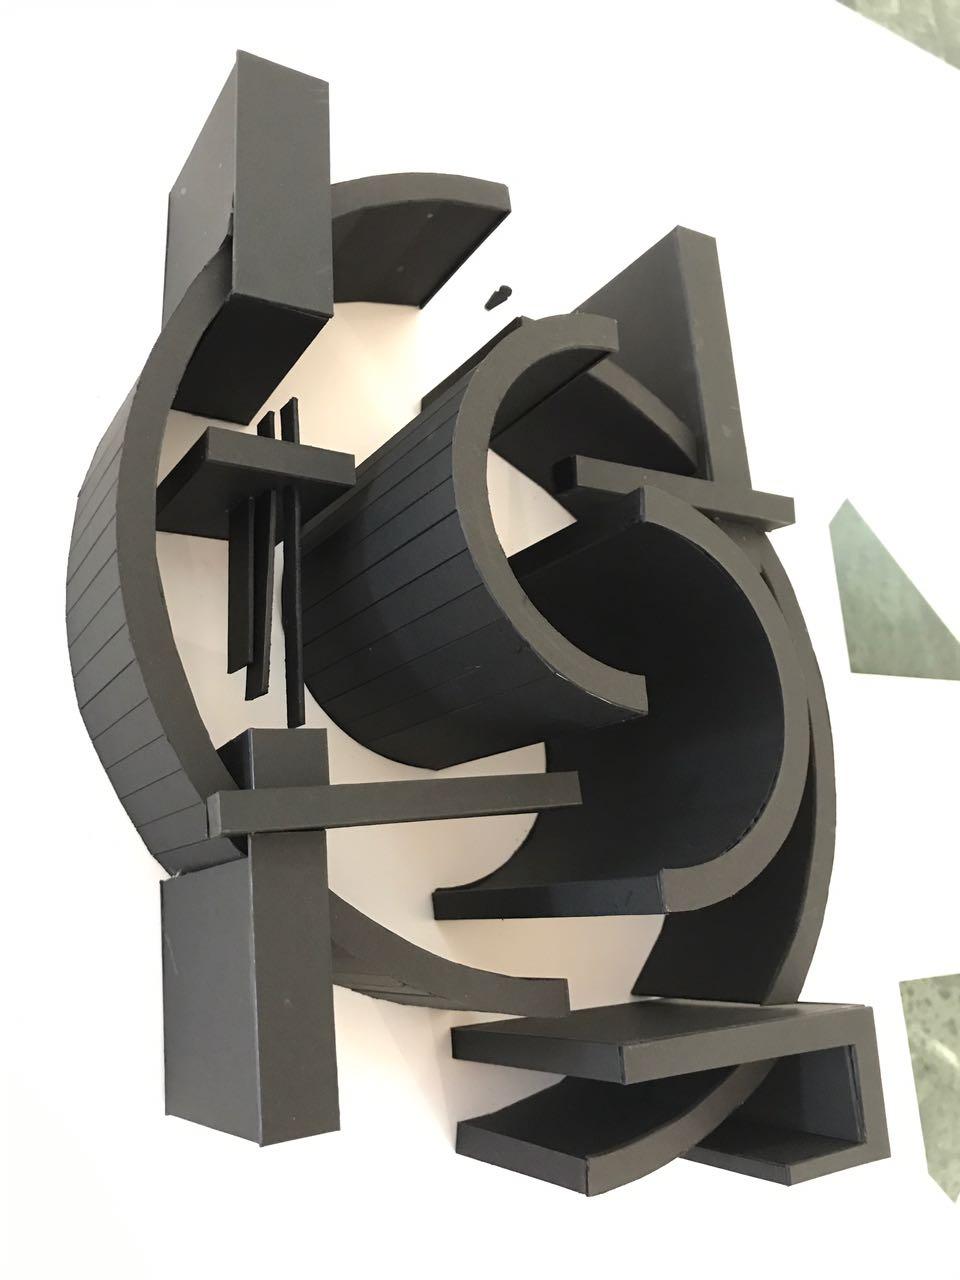 مجسمات مستوحاة من سيمفونية بيتهوفن-.JPG